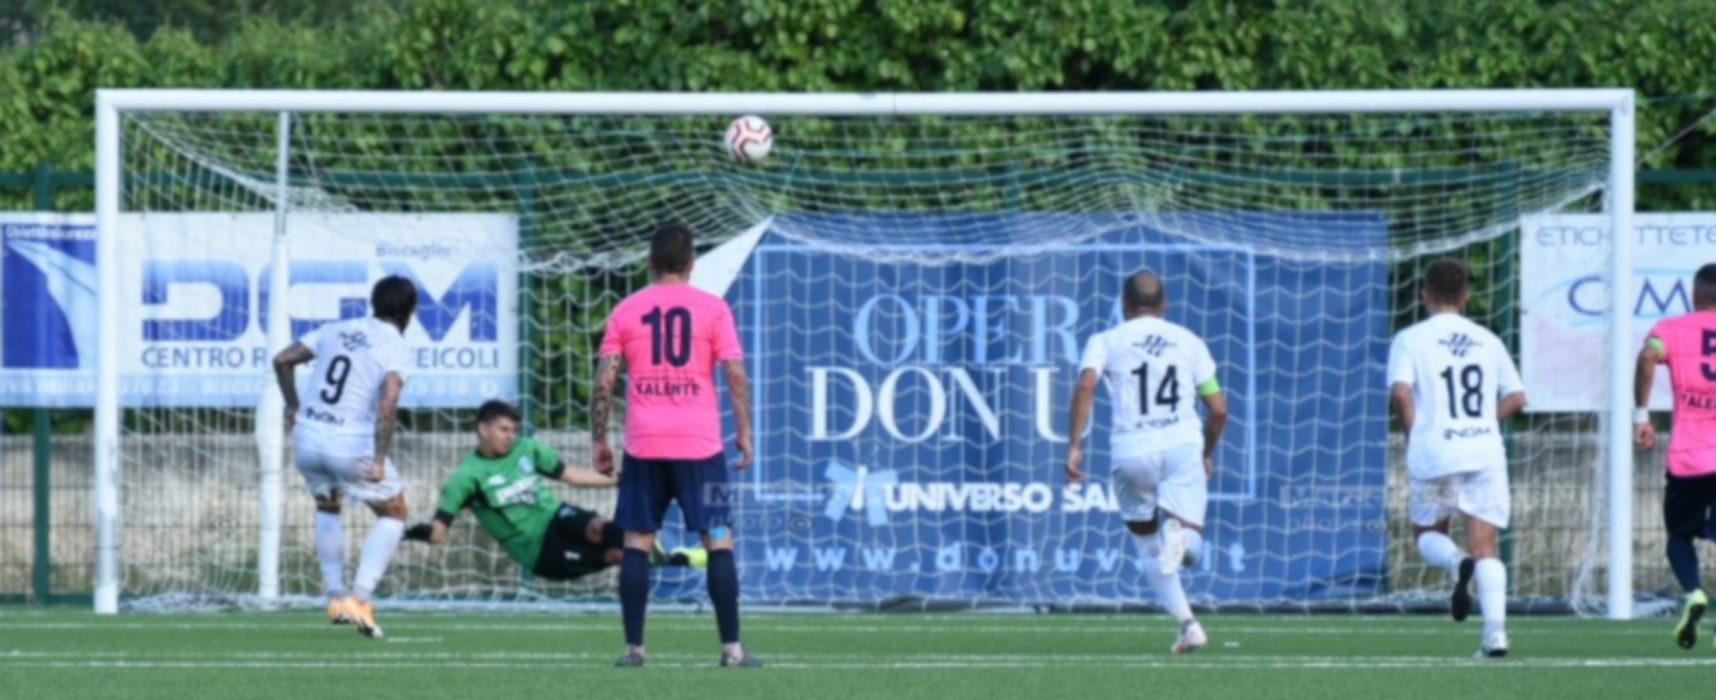 L'Unione Calcio impatta contro il Corato, a segno il baby Petrignani